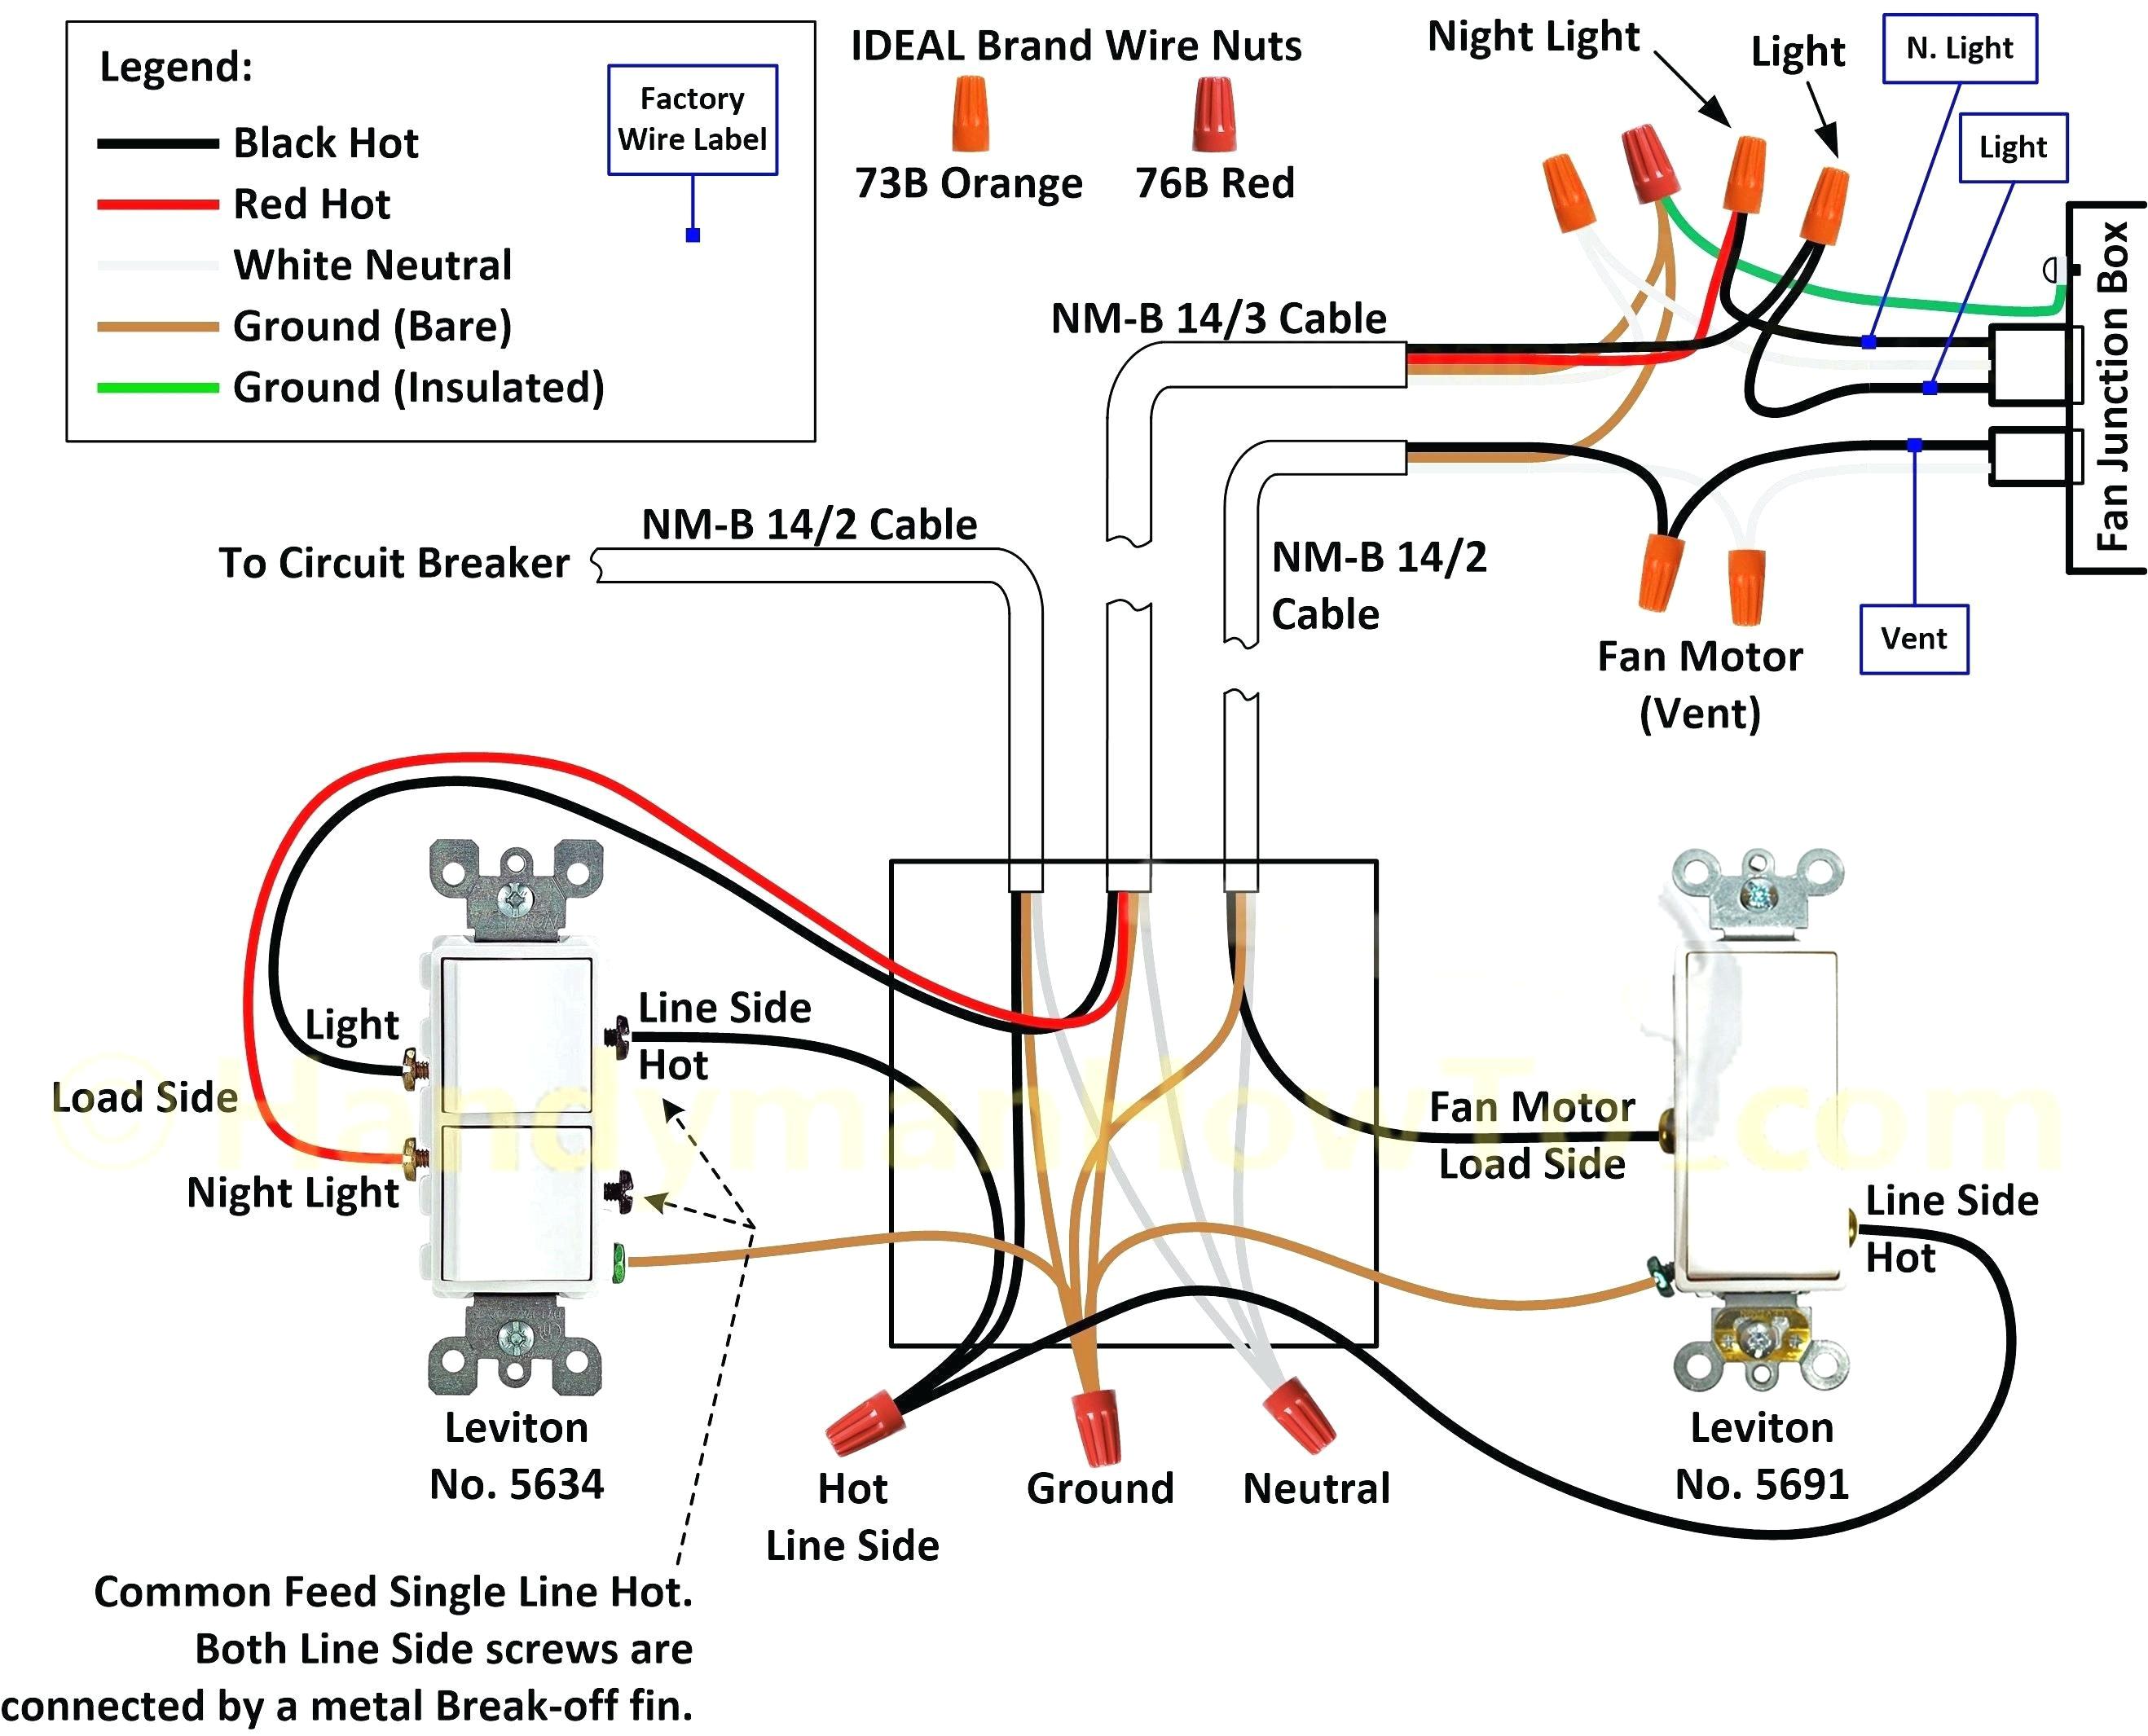 basic elec downlights wiring diagrams wiring diagram perfomance wiring diagram 240v wiring diagram datasource basic elec